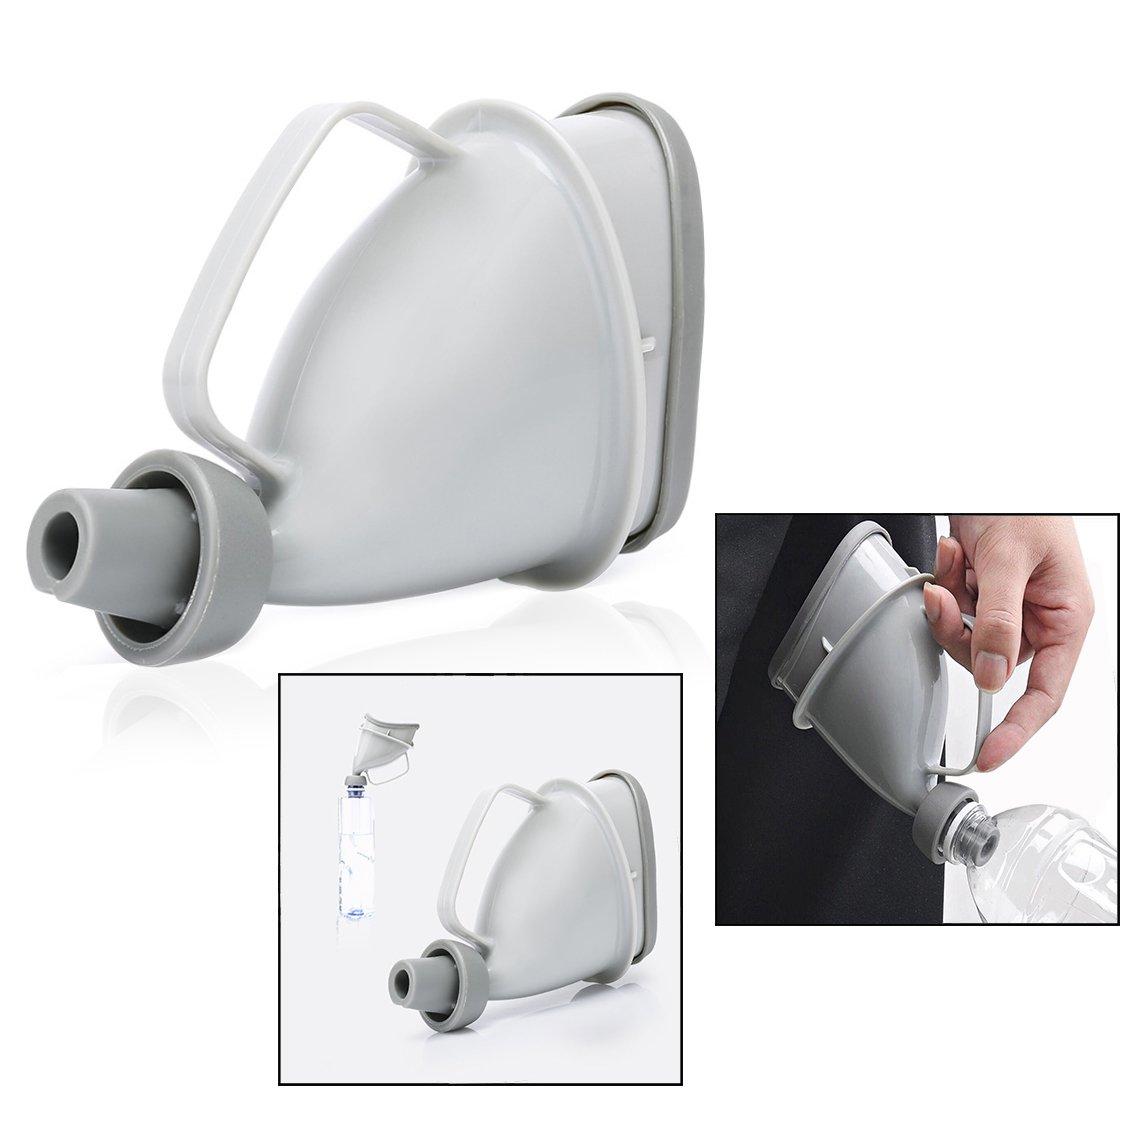 OFKPO Orinatoio portatile Riutilizzabile per Campeggio Urinali Bottiglia Piccoli Orinatoi